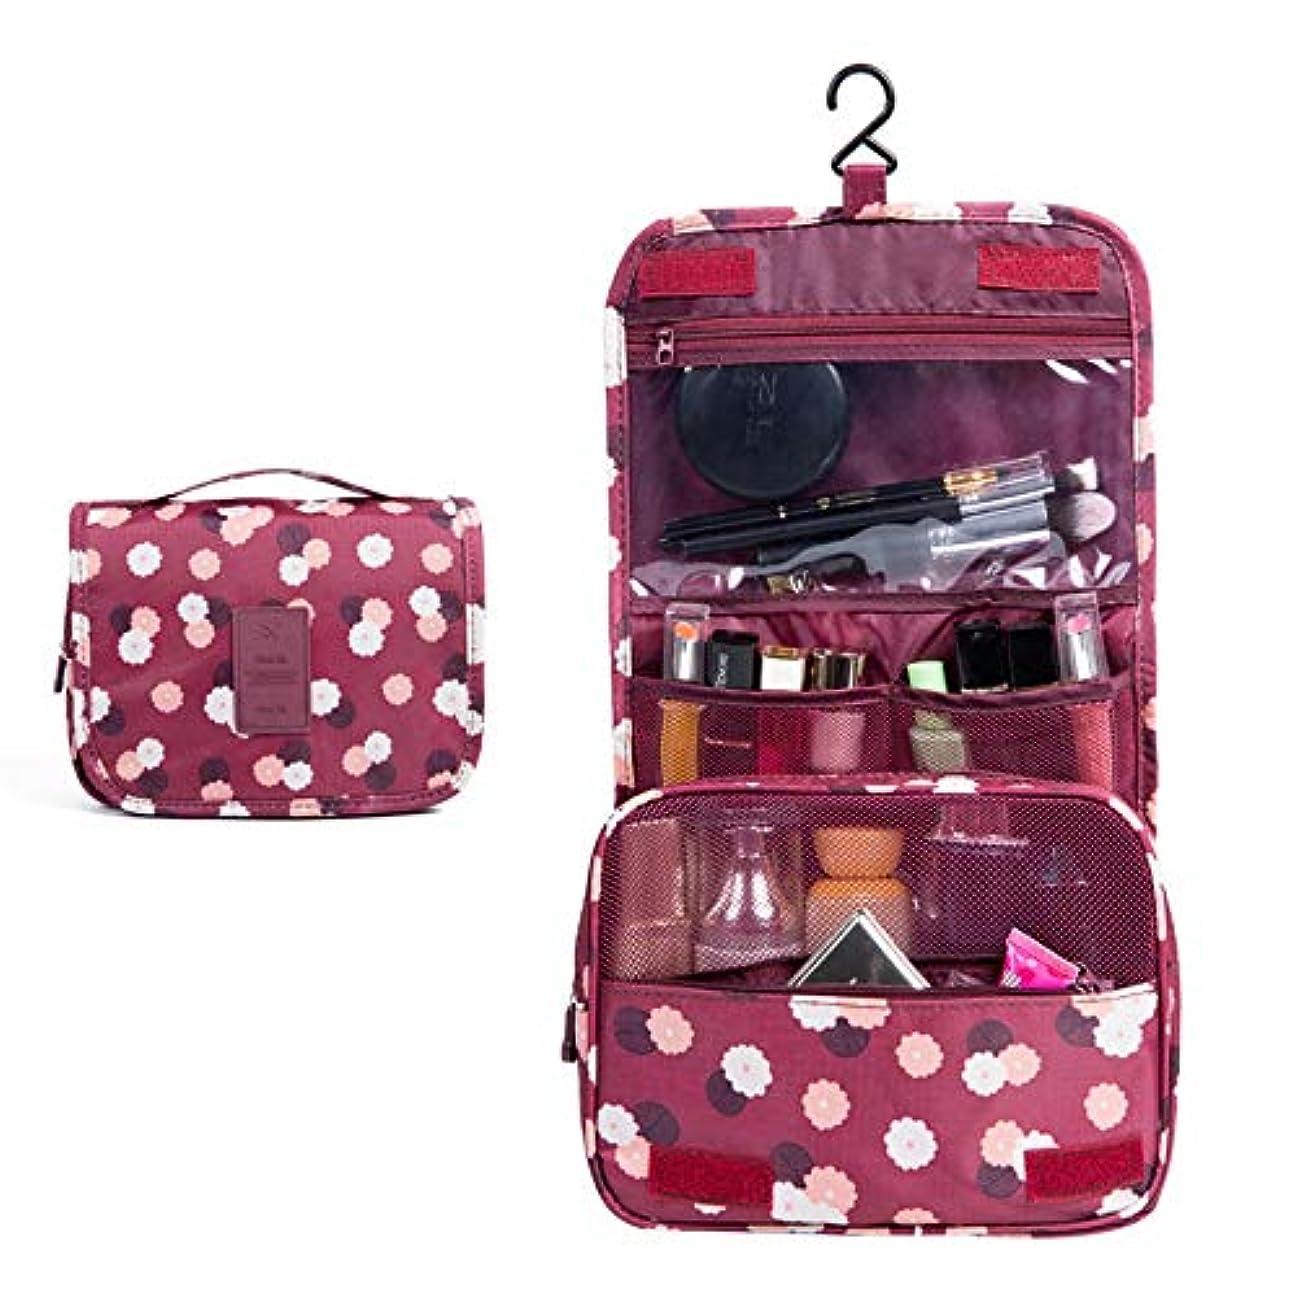 利点リズミカルなまだ化粧オーガナイザーバッグ ポータブル旅行折りたたみフックオーガナイザーバッグトイレタリーバッグを作る化粧品バッグブルーフラワー 化粧品ケース (色 : 赤)